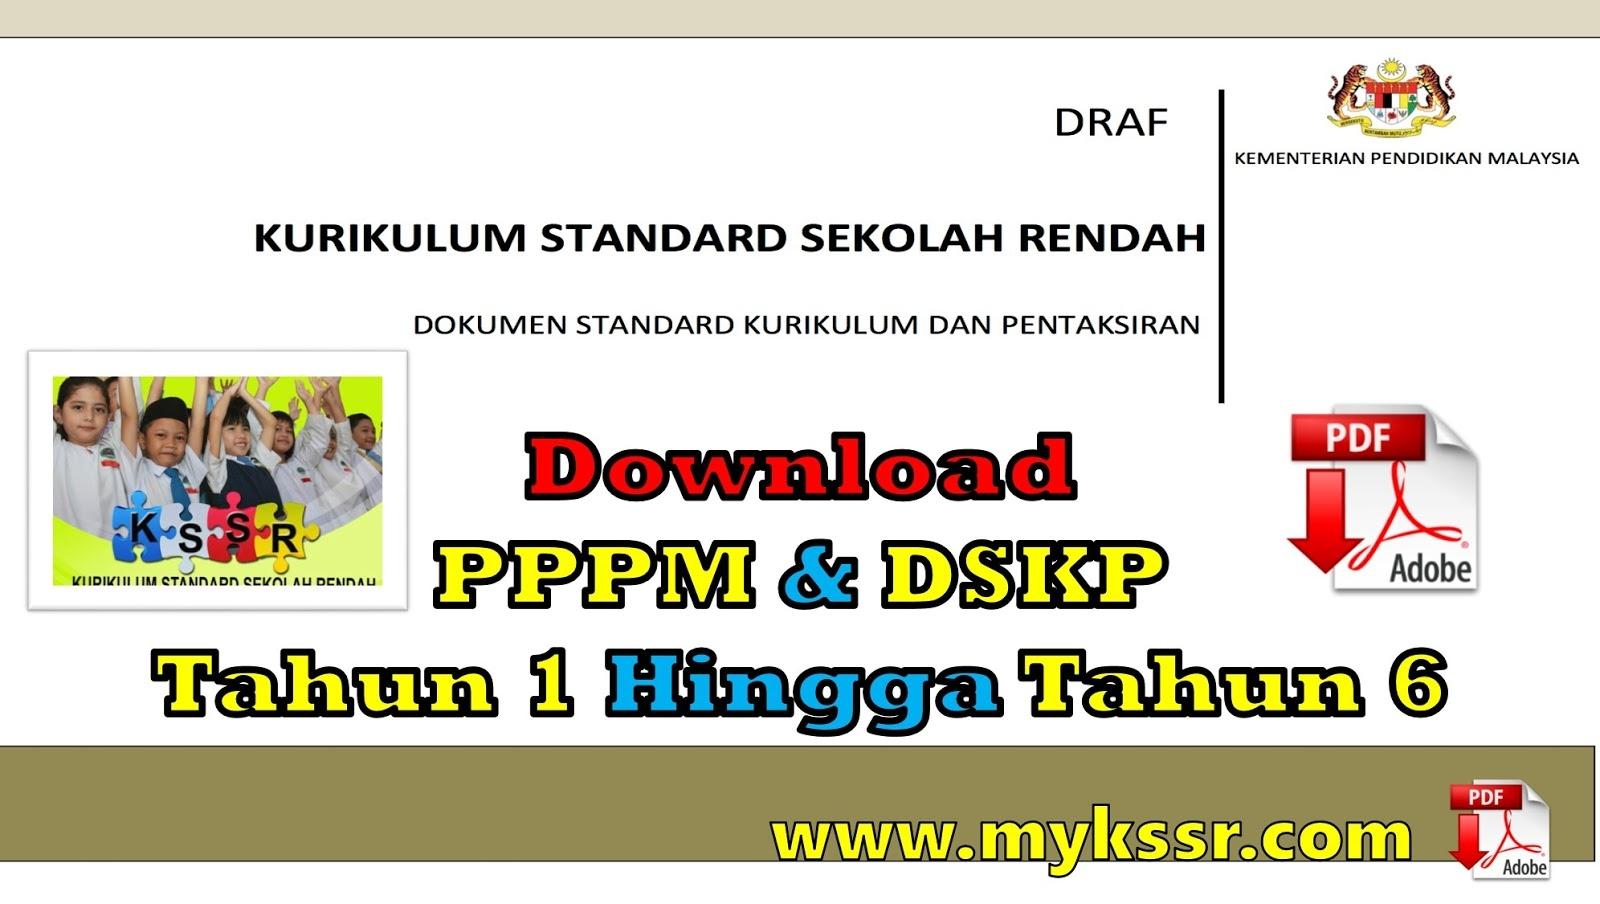 Download Rpt Bahasa Arab Tahun 4 Berguna Download Pppm Dskp Tahun 1 Hingga Tahun 6 Mykssr Com Of Download Rpt Bahasa Arab Tahun 4 Yang Boleh Di Download Dengan Segera